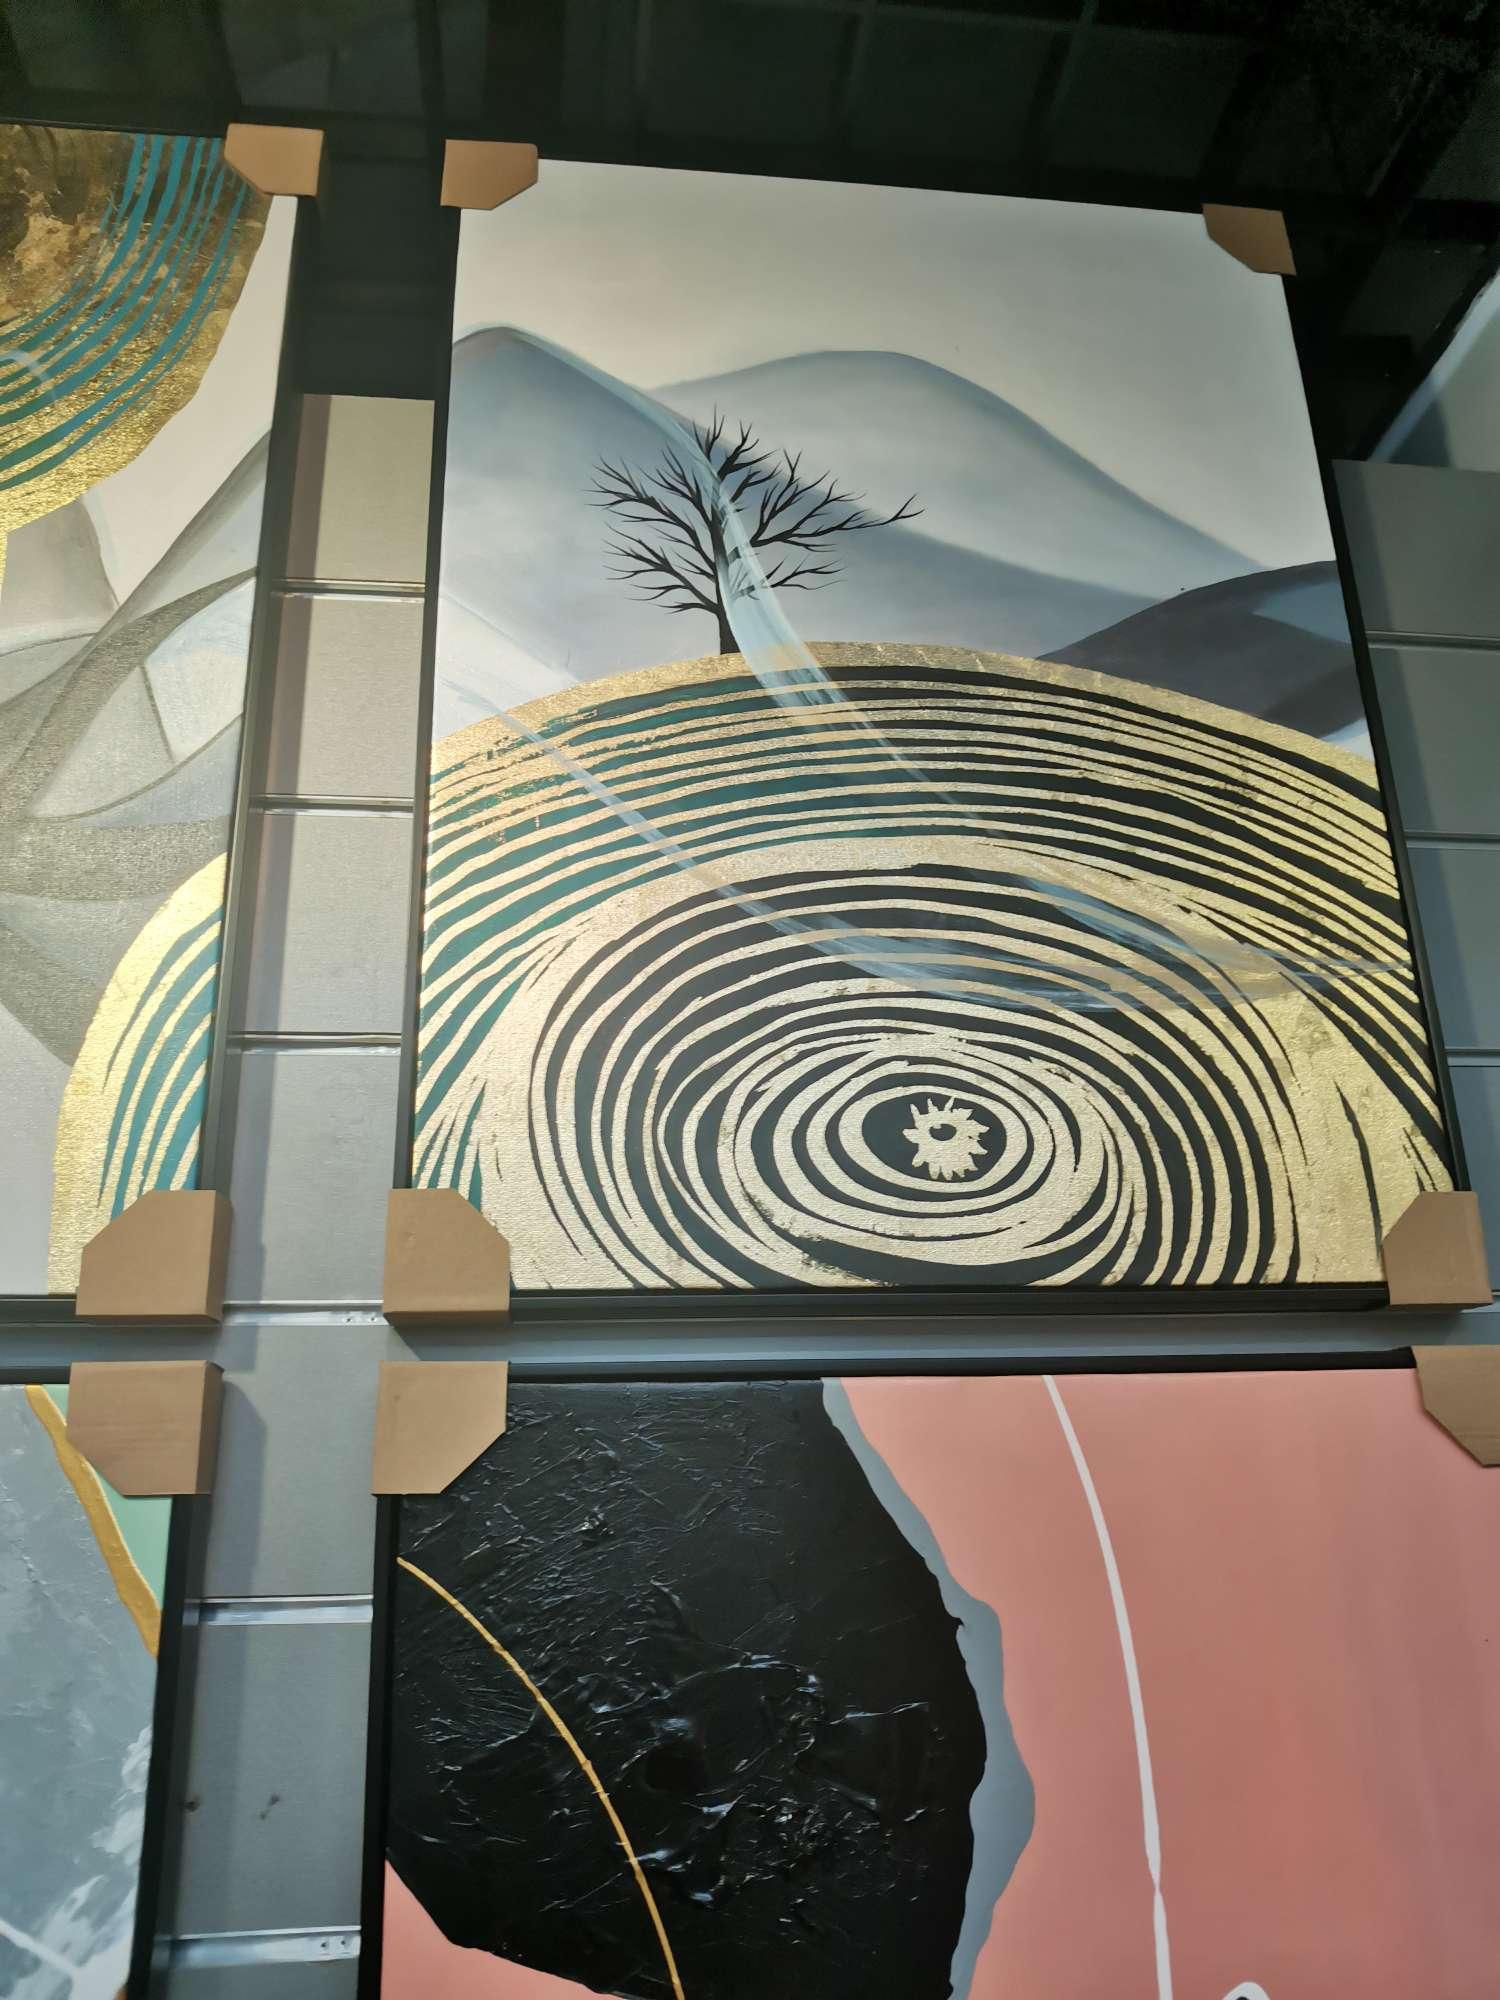 欧式餐厅装饰画饭厅餐桌横幅画 单幅简美风格静物油画挂画墙画低奢